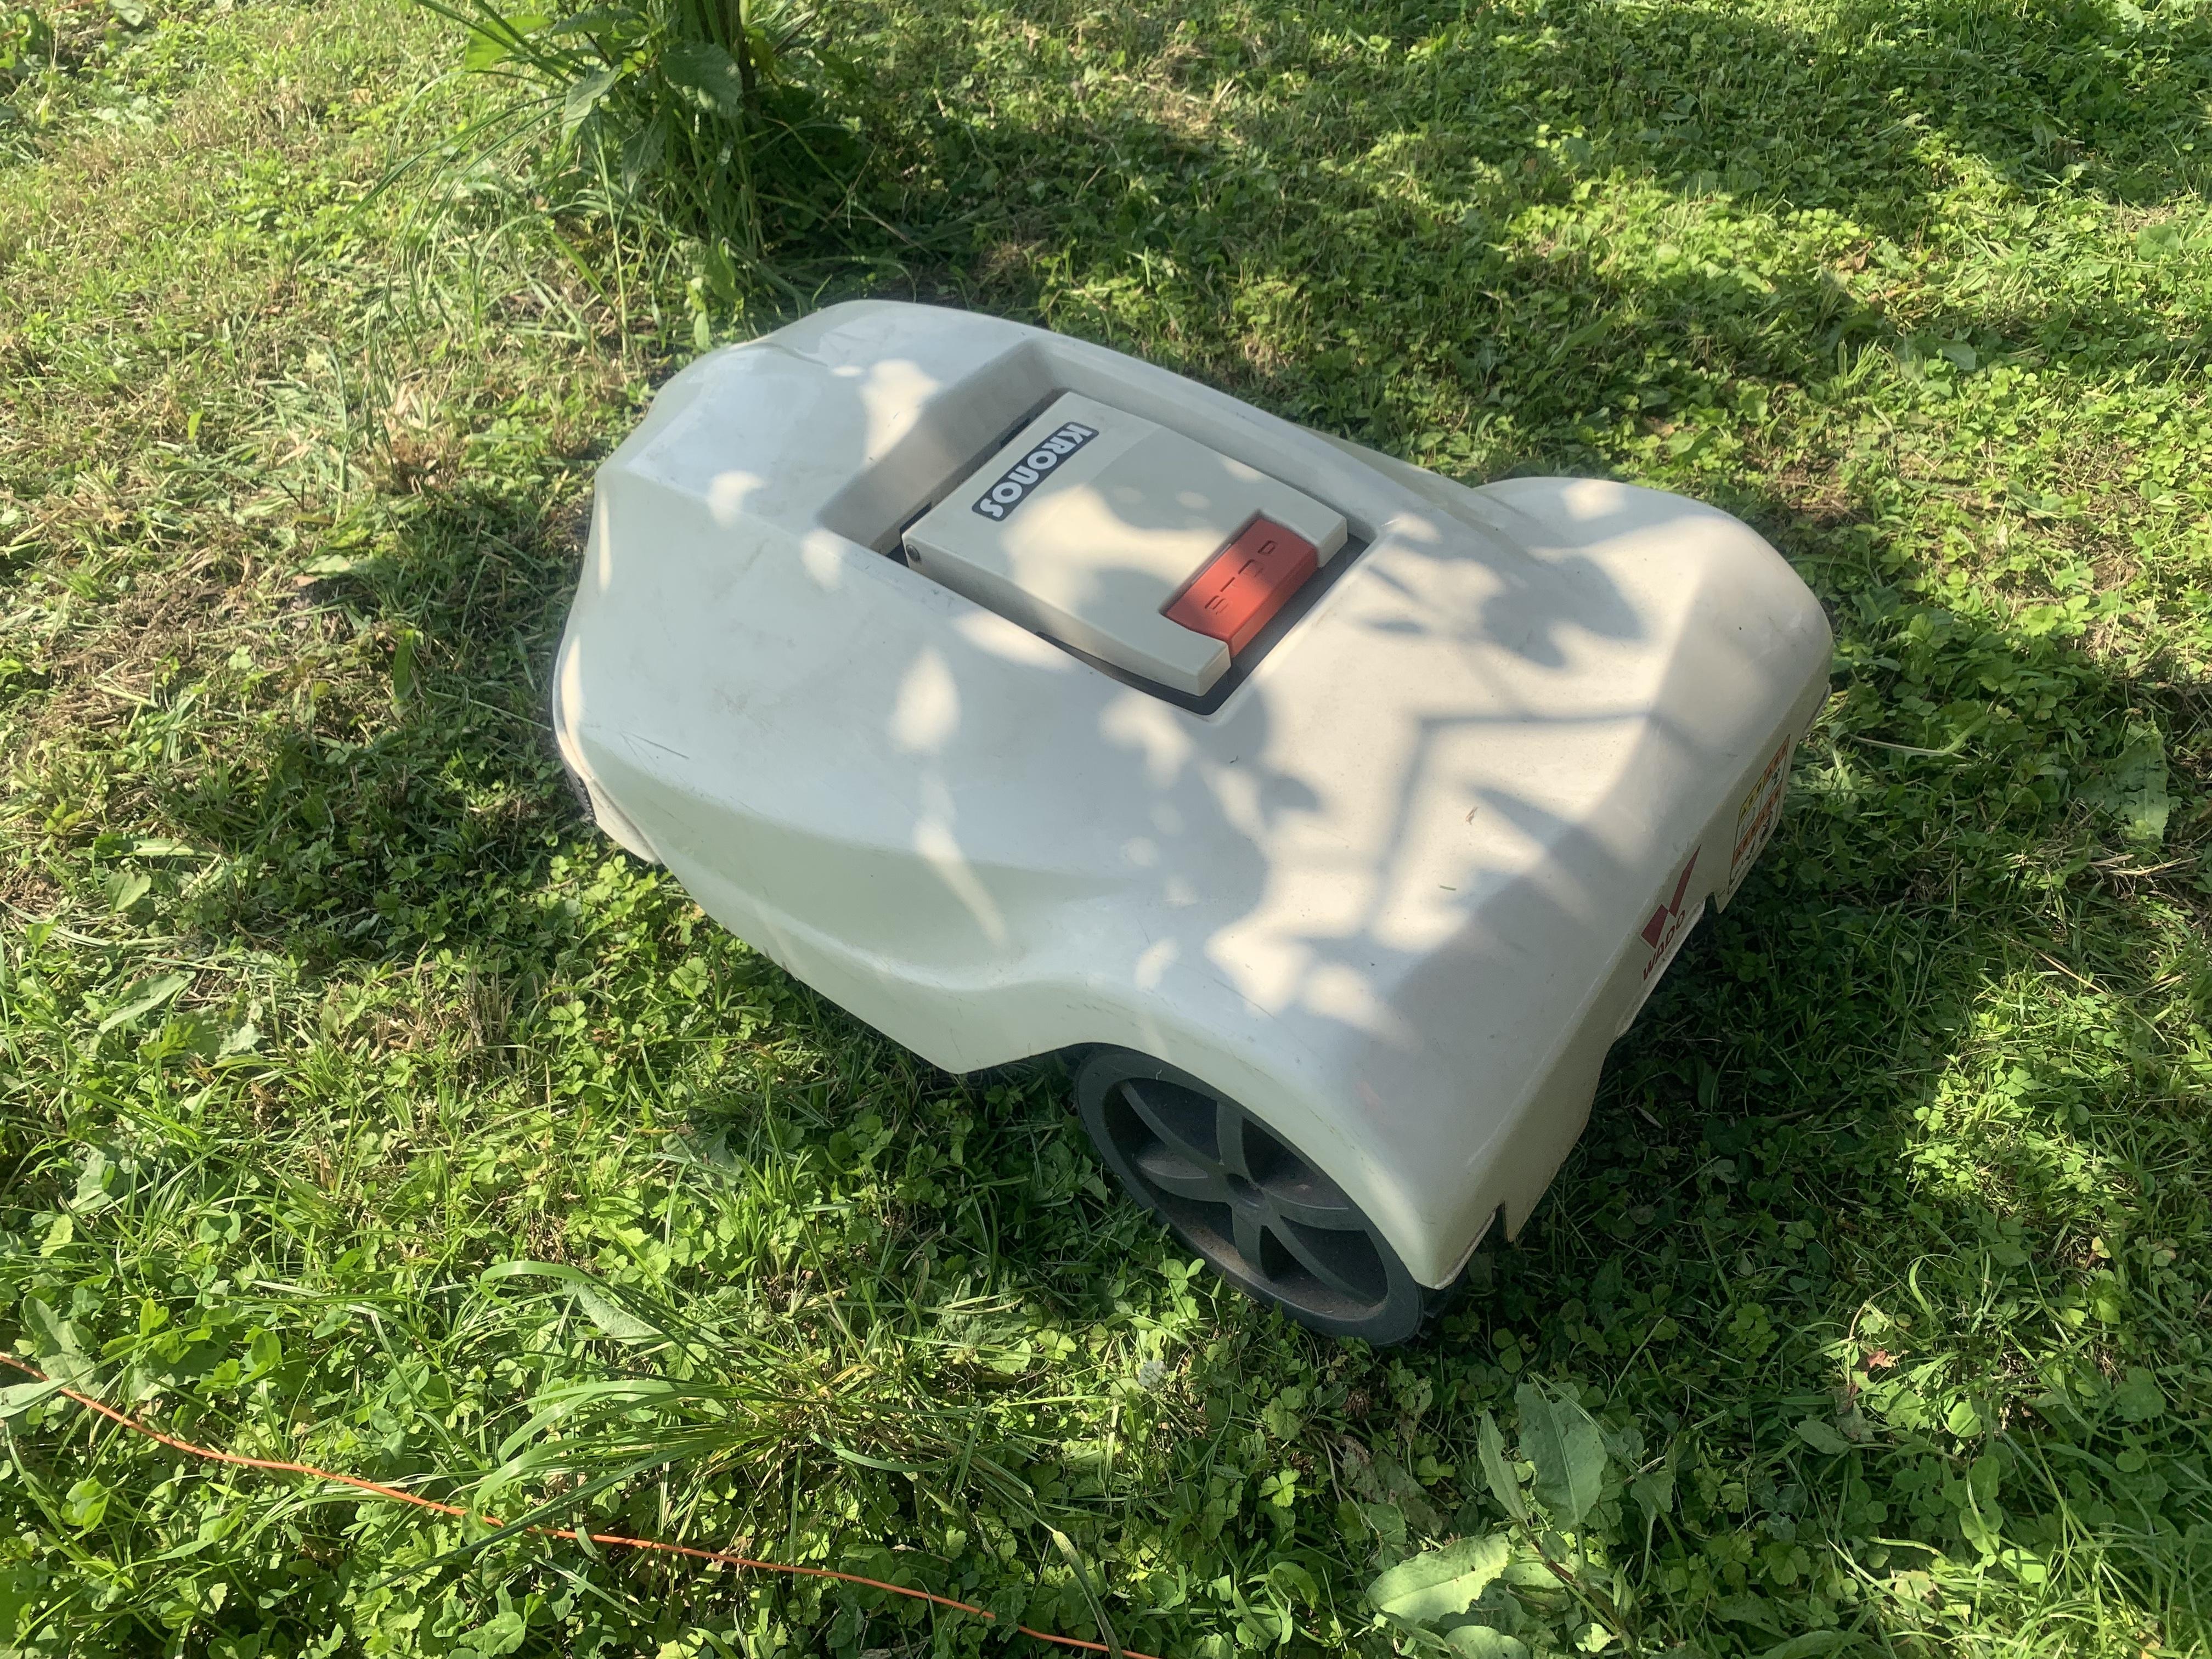 草刈を行う自動草刈機ロボモア